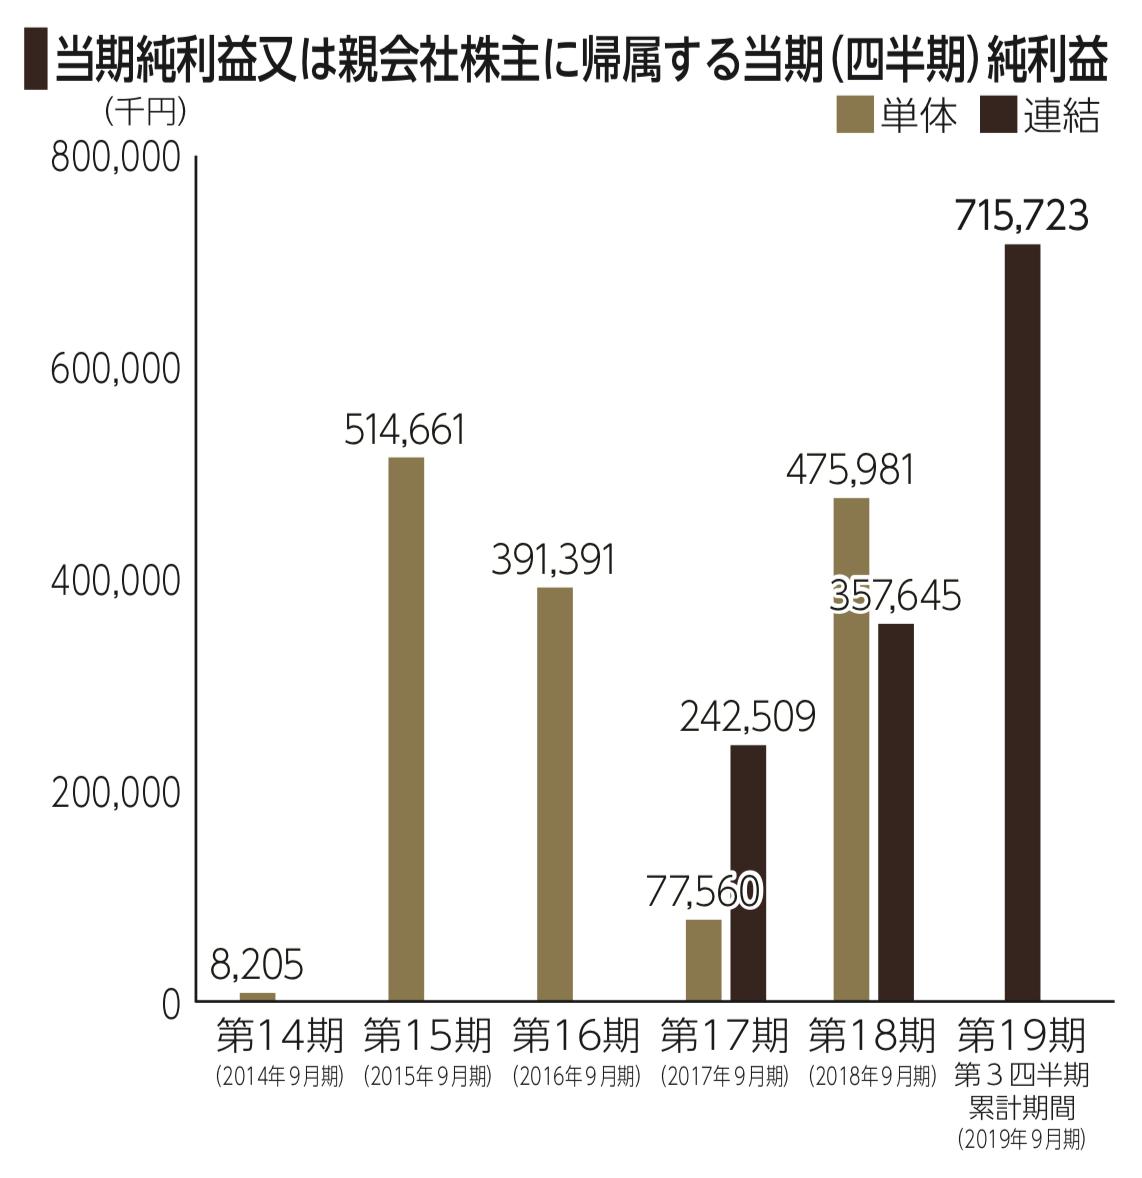 レオクランの当期純利益の推移